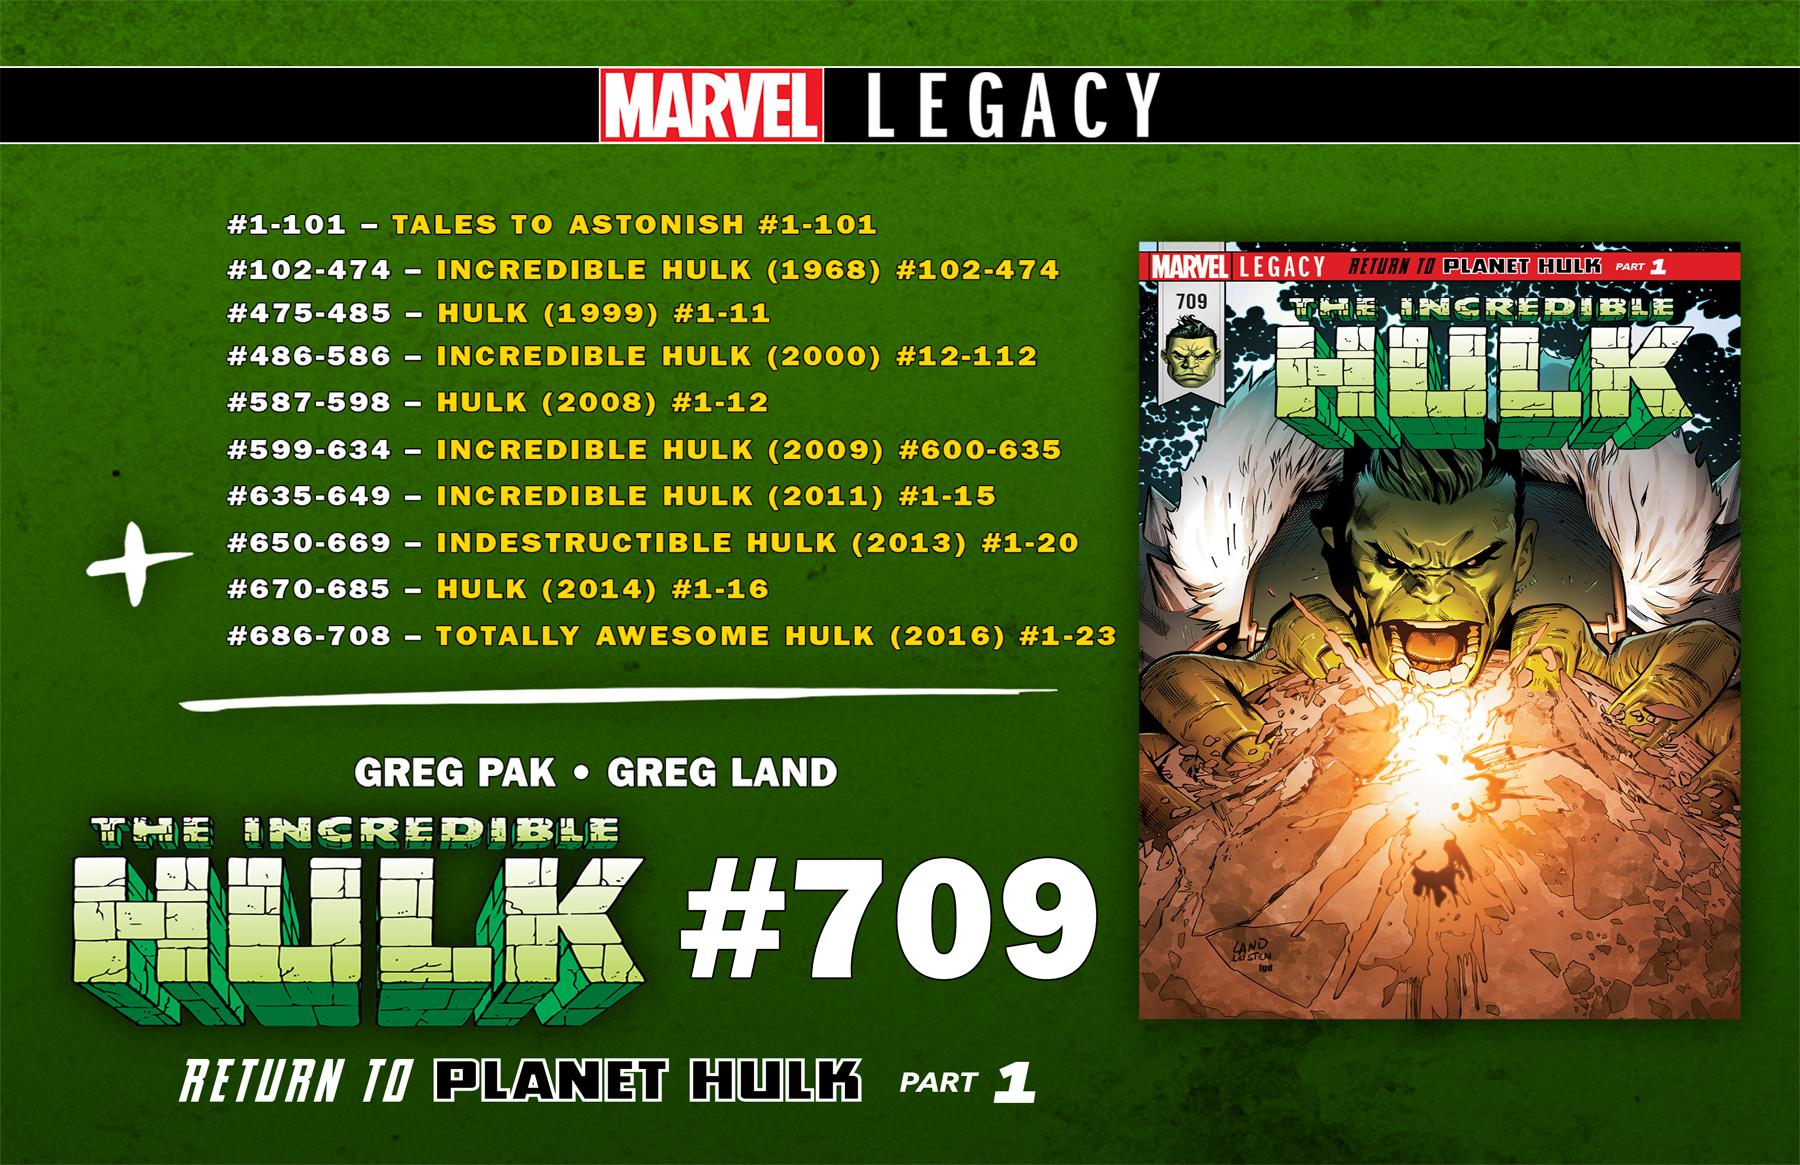 Hulk #709